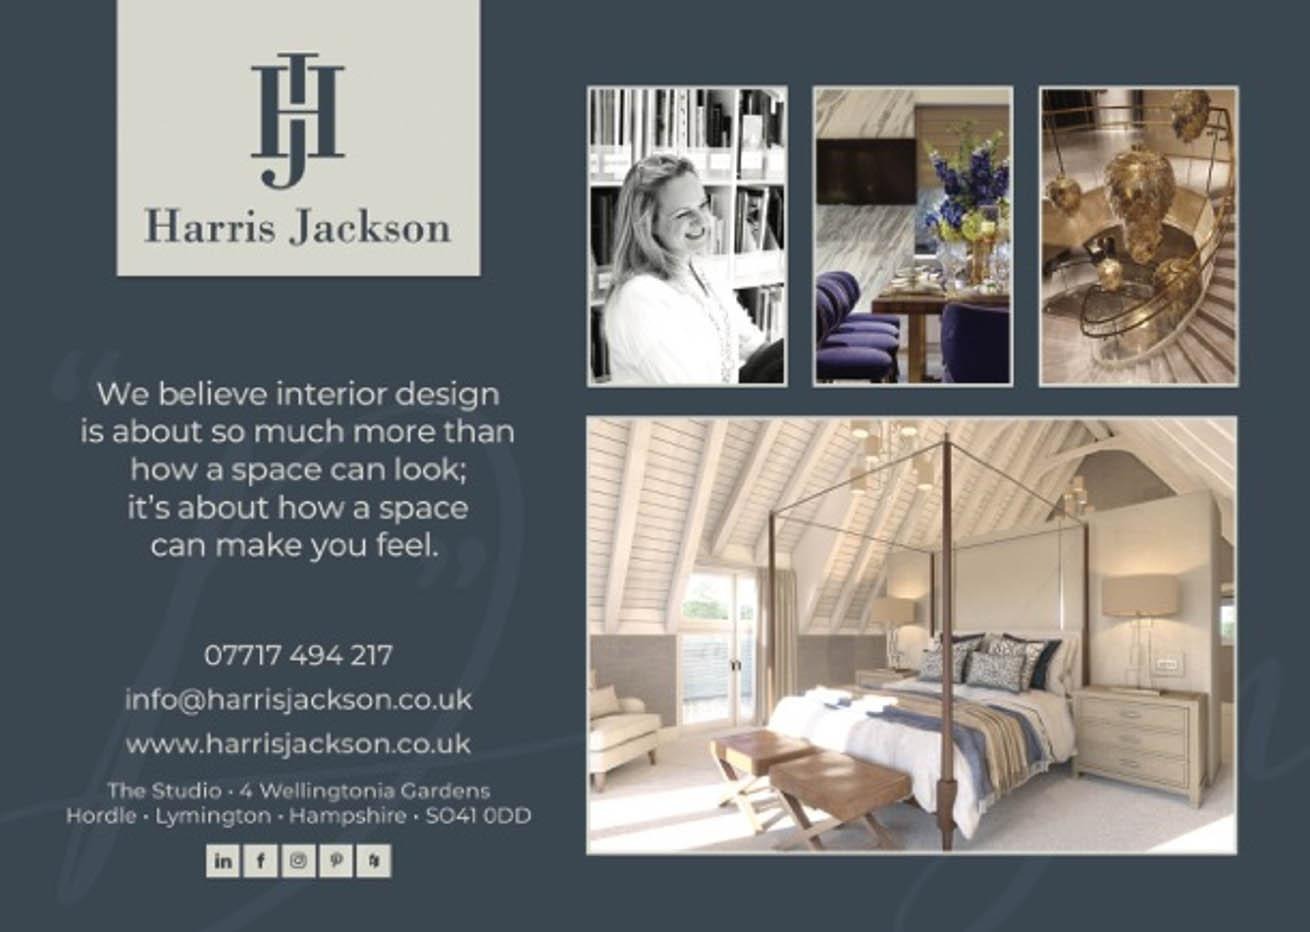 Harris Jackson Winkworth